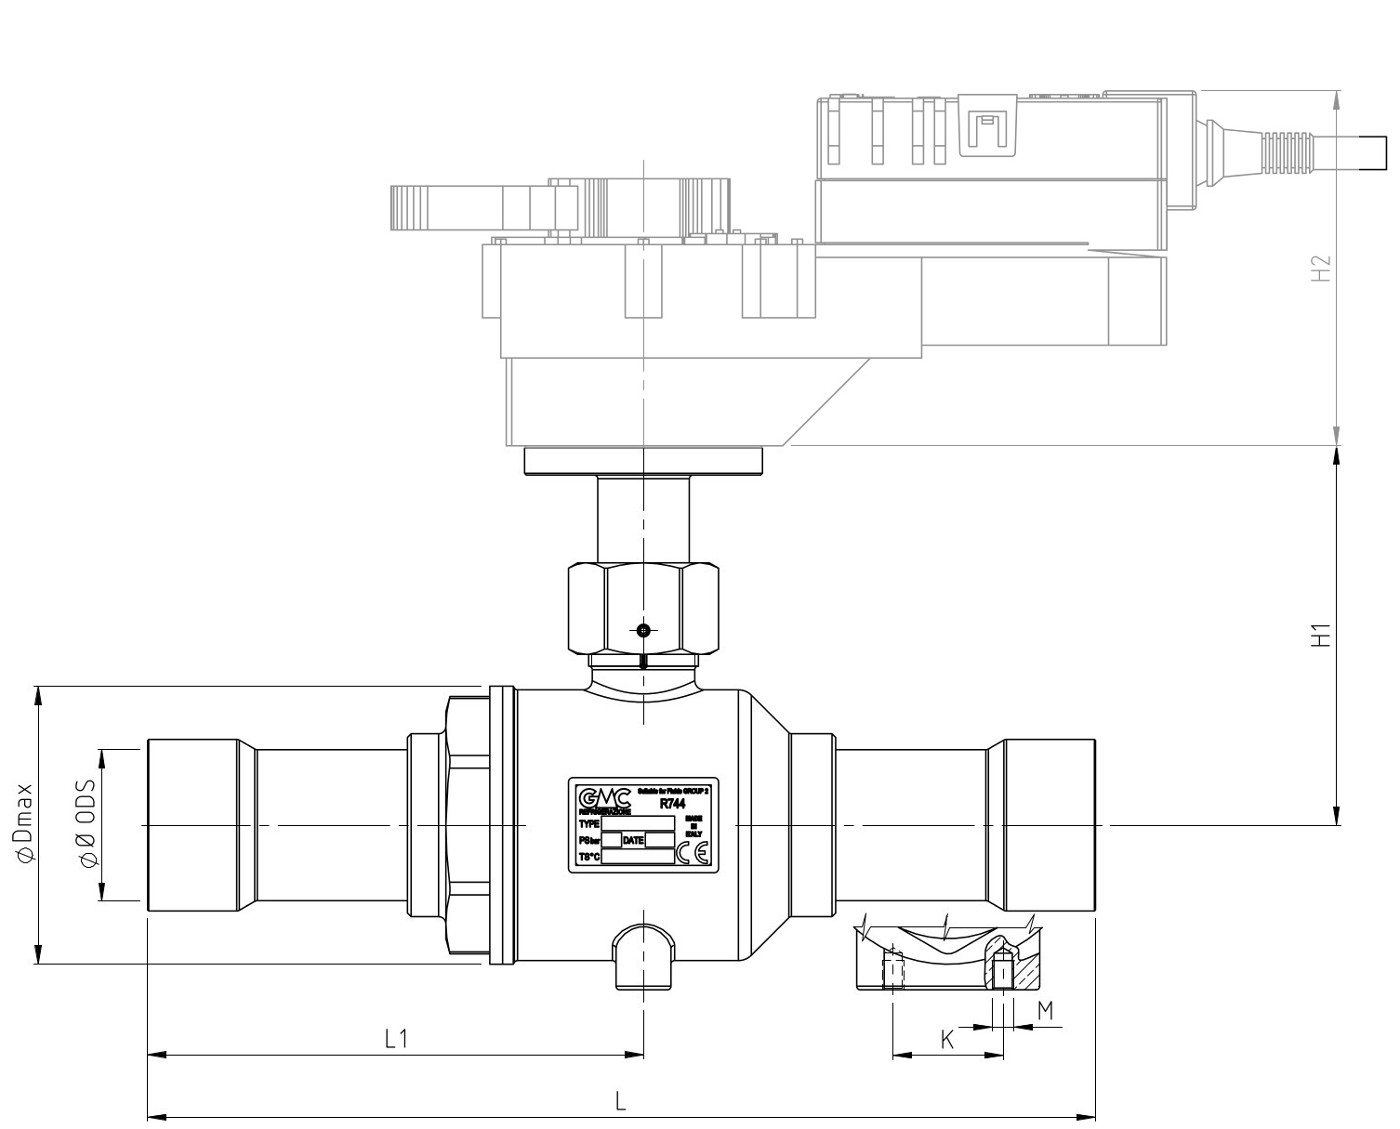 kugelventile k65 f r motor de abr components industrial refrigeration technology. Black Bedroom Furniture Sets. Home Design Ideas